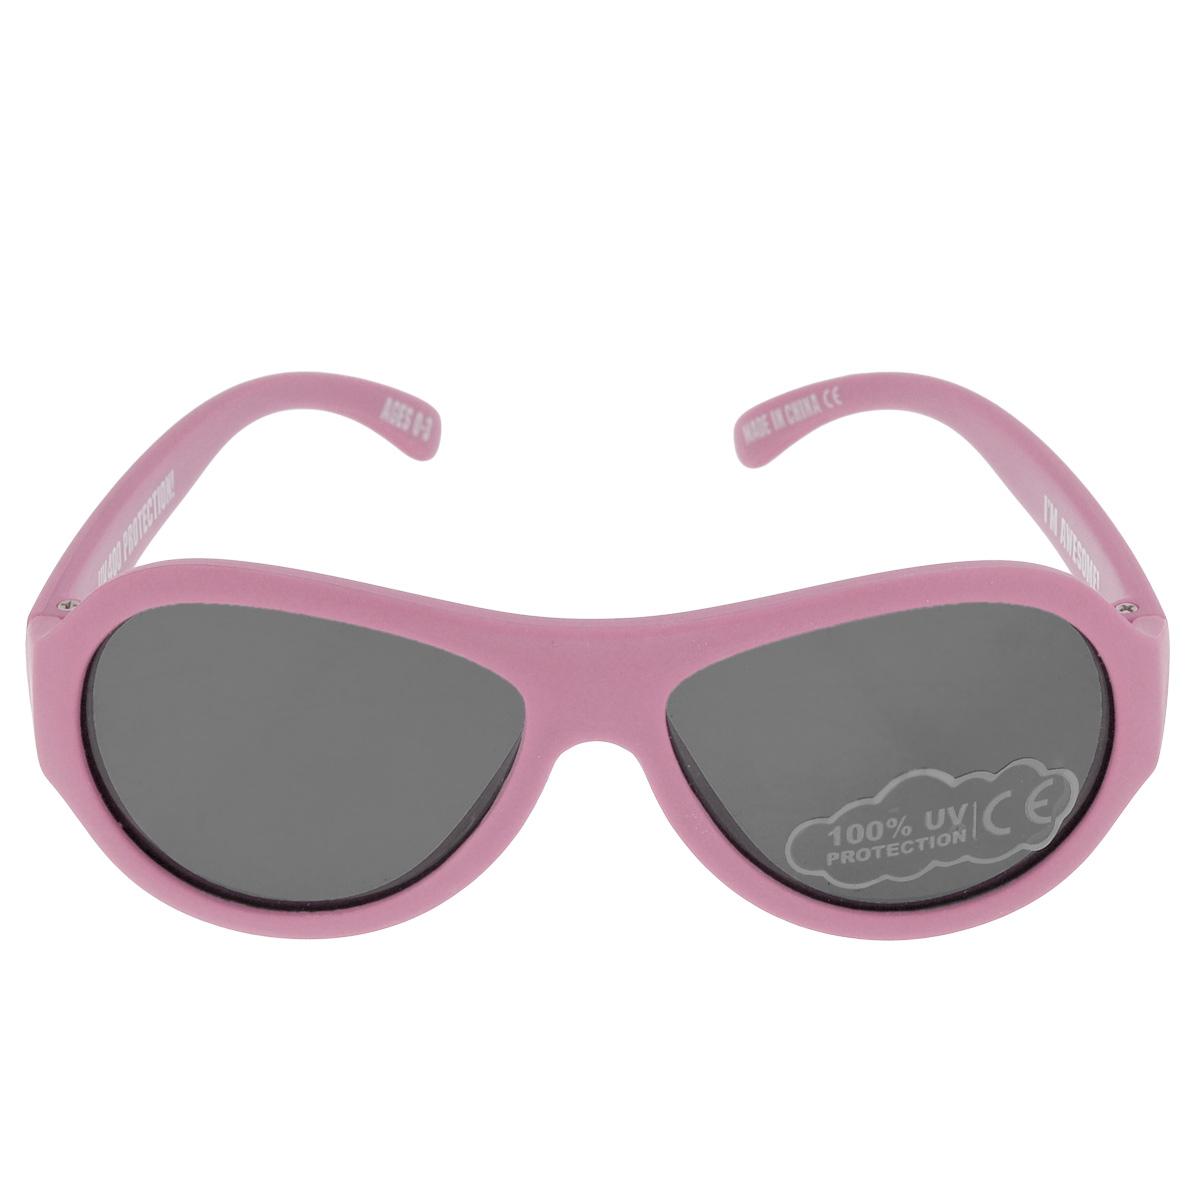 Детские солнцезащитные очки Babiators Принцесса (Princess), цвет: розовый, 0-3 летBM8434-58AEВы делаете все возможное, чтобы ваши дети были здоровы и в безопасности. Шлемы для езды на велосипеде, солнцезащитный крем для прогулок на солнце... Но как насчёт влияния солнца на глаза вашего ребёнка? Правда в том, что сетчатка глаза у детей развивается вместе с самим ребёнком. Это означает, что глаза малышей не могут отфильтровать УФ-излучение. Проблема понятна - детям нужна настоящая защита, чтобы глазки были в безопасности, а зрение сильным.Каждая пара солнцезащитных очков Babiators для детей обеспечивает 100% защиту от UVA и UVB. Прочные линзы высшего качества не подведут в самых сложных переделках. В отличие от обычных пластиковых очков, оправа Babiators выполнена из гибкого прорезиненного материала, что делает их ударопрочными, их можно сгибать и крутить - они не сломаются и вернутся в прежнюю форму. Не бойтесь, что ребёнок сядет на них - они всё выдержат. Будьте уверены, что очки Babiators созданы безопасными, прочными и классными, так что вы и ваш ребенок можете приступать к своим приключениям!